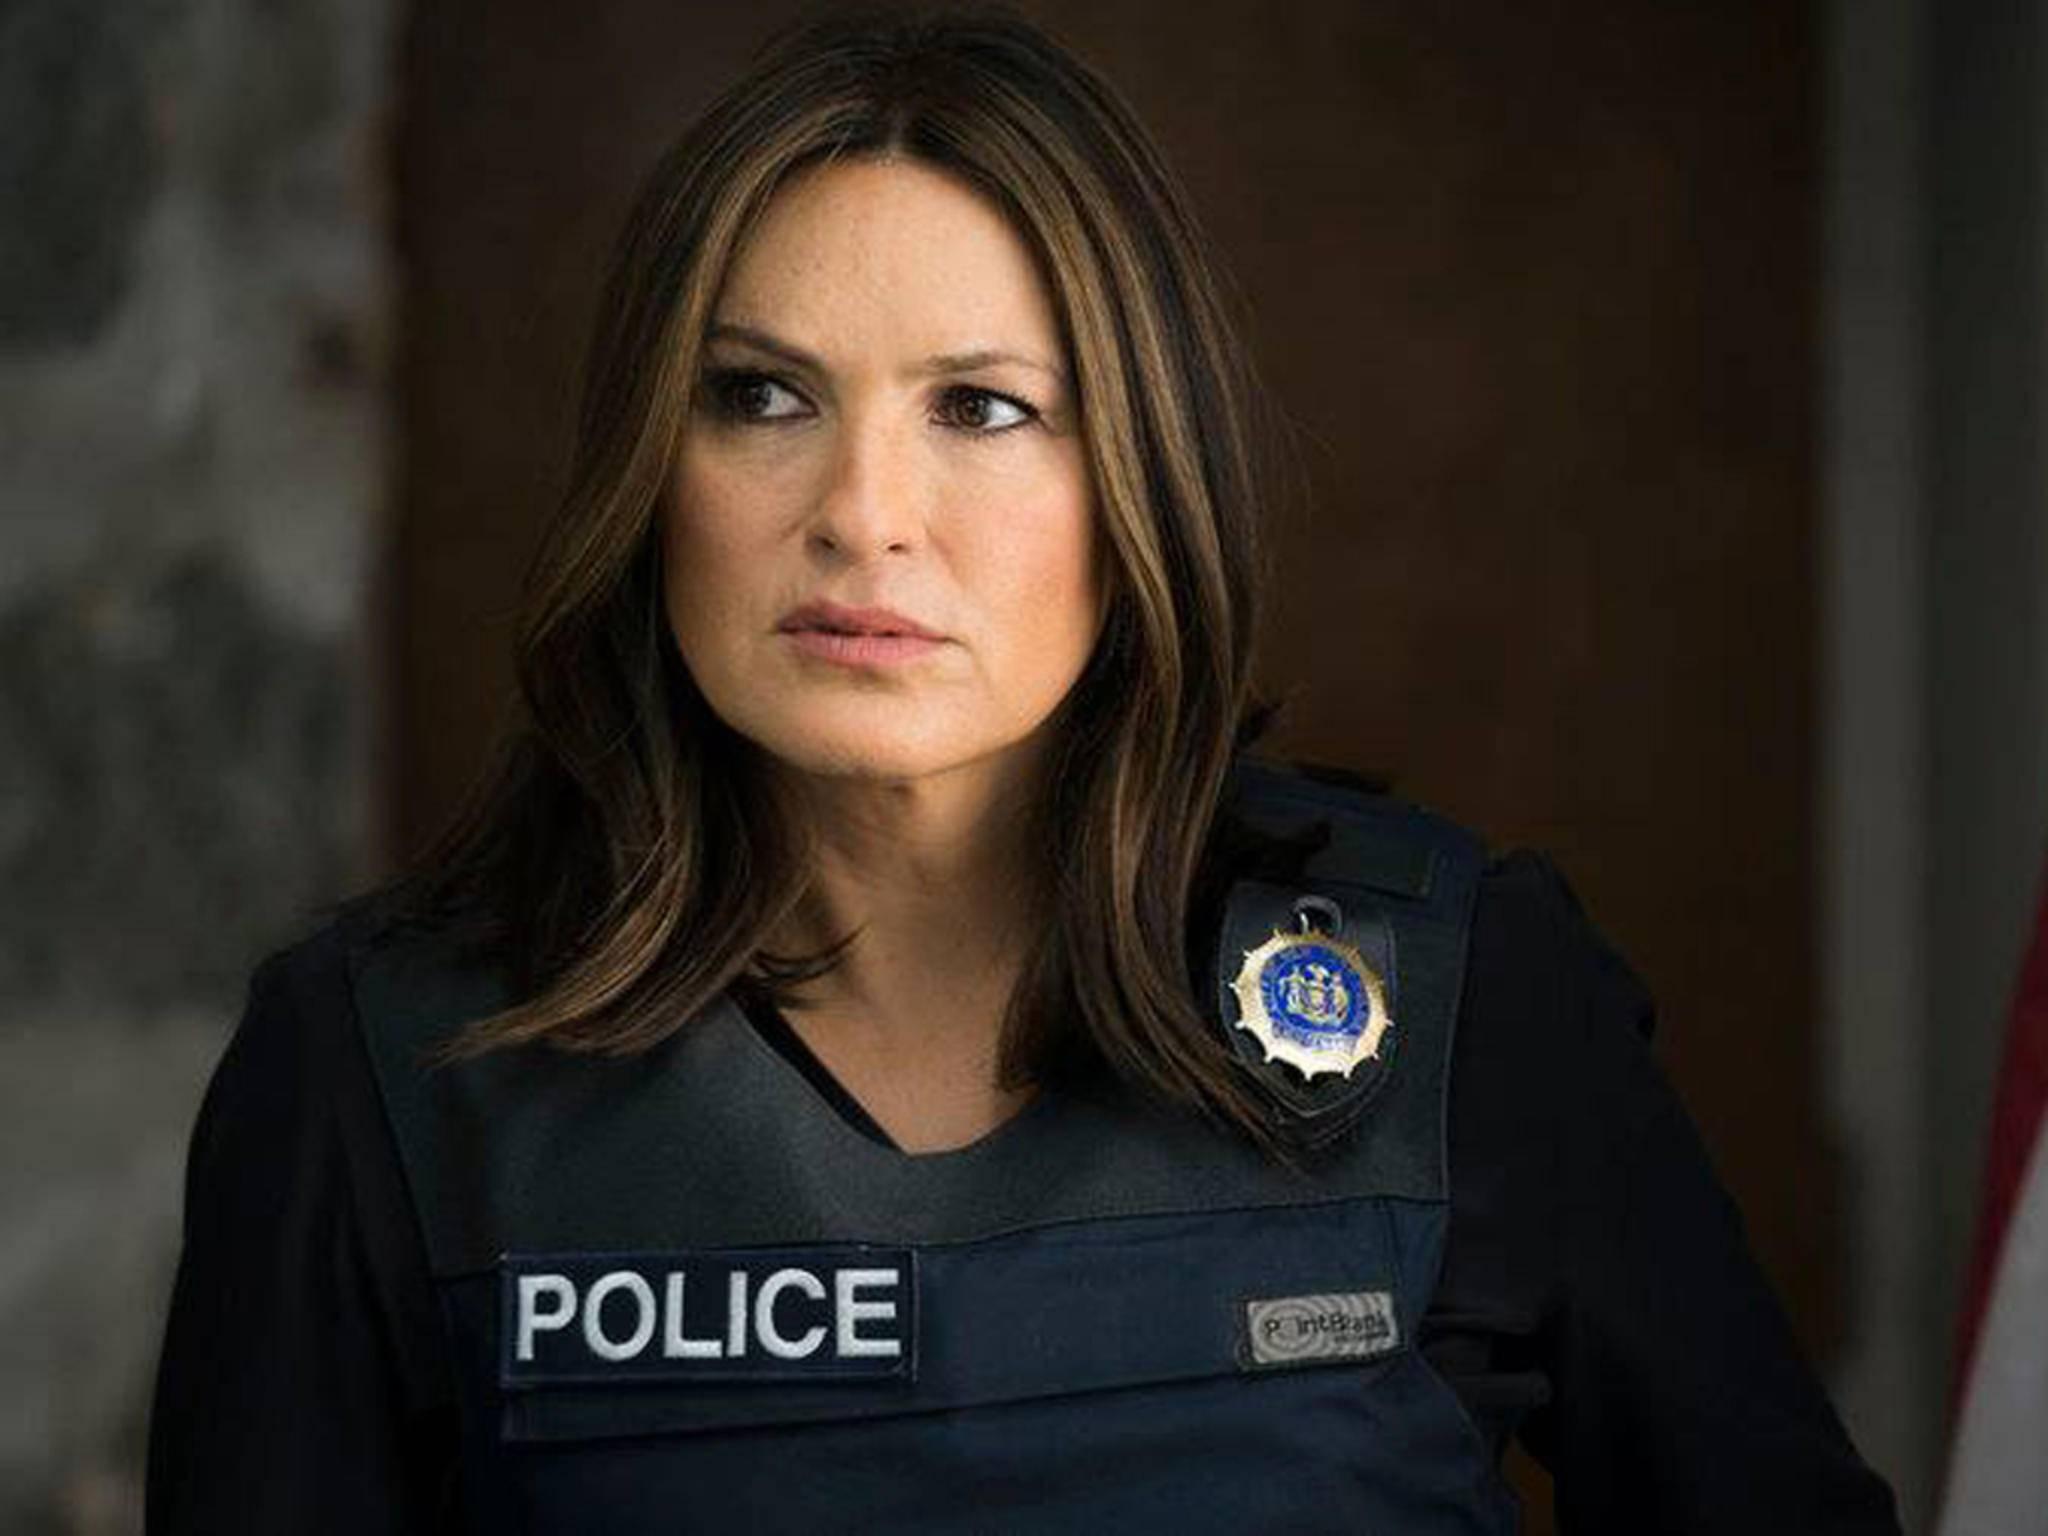 Detective Benson wird über das Frauenbild des fiktiven Politikers nicht gerade amüsiert sein.